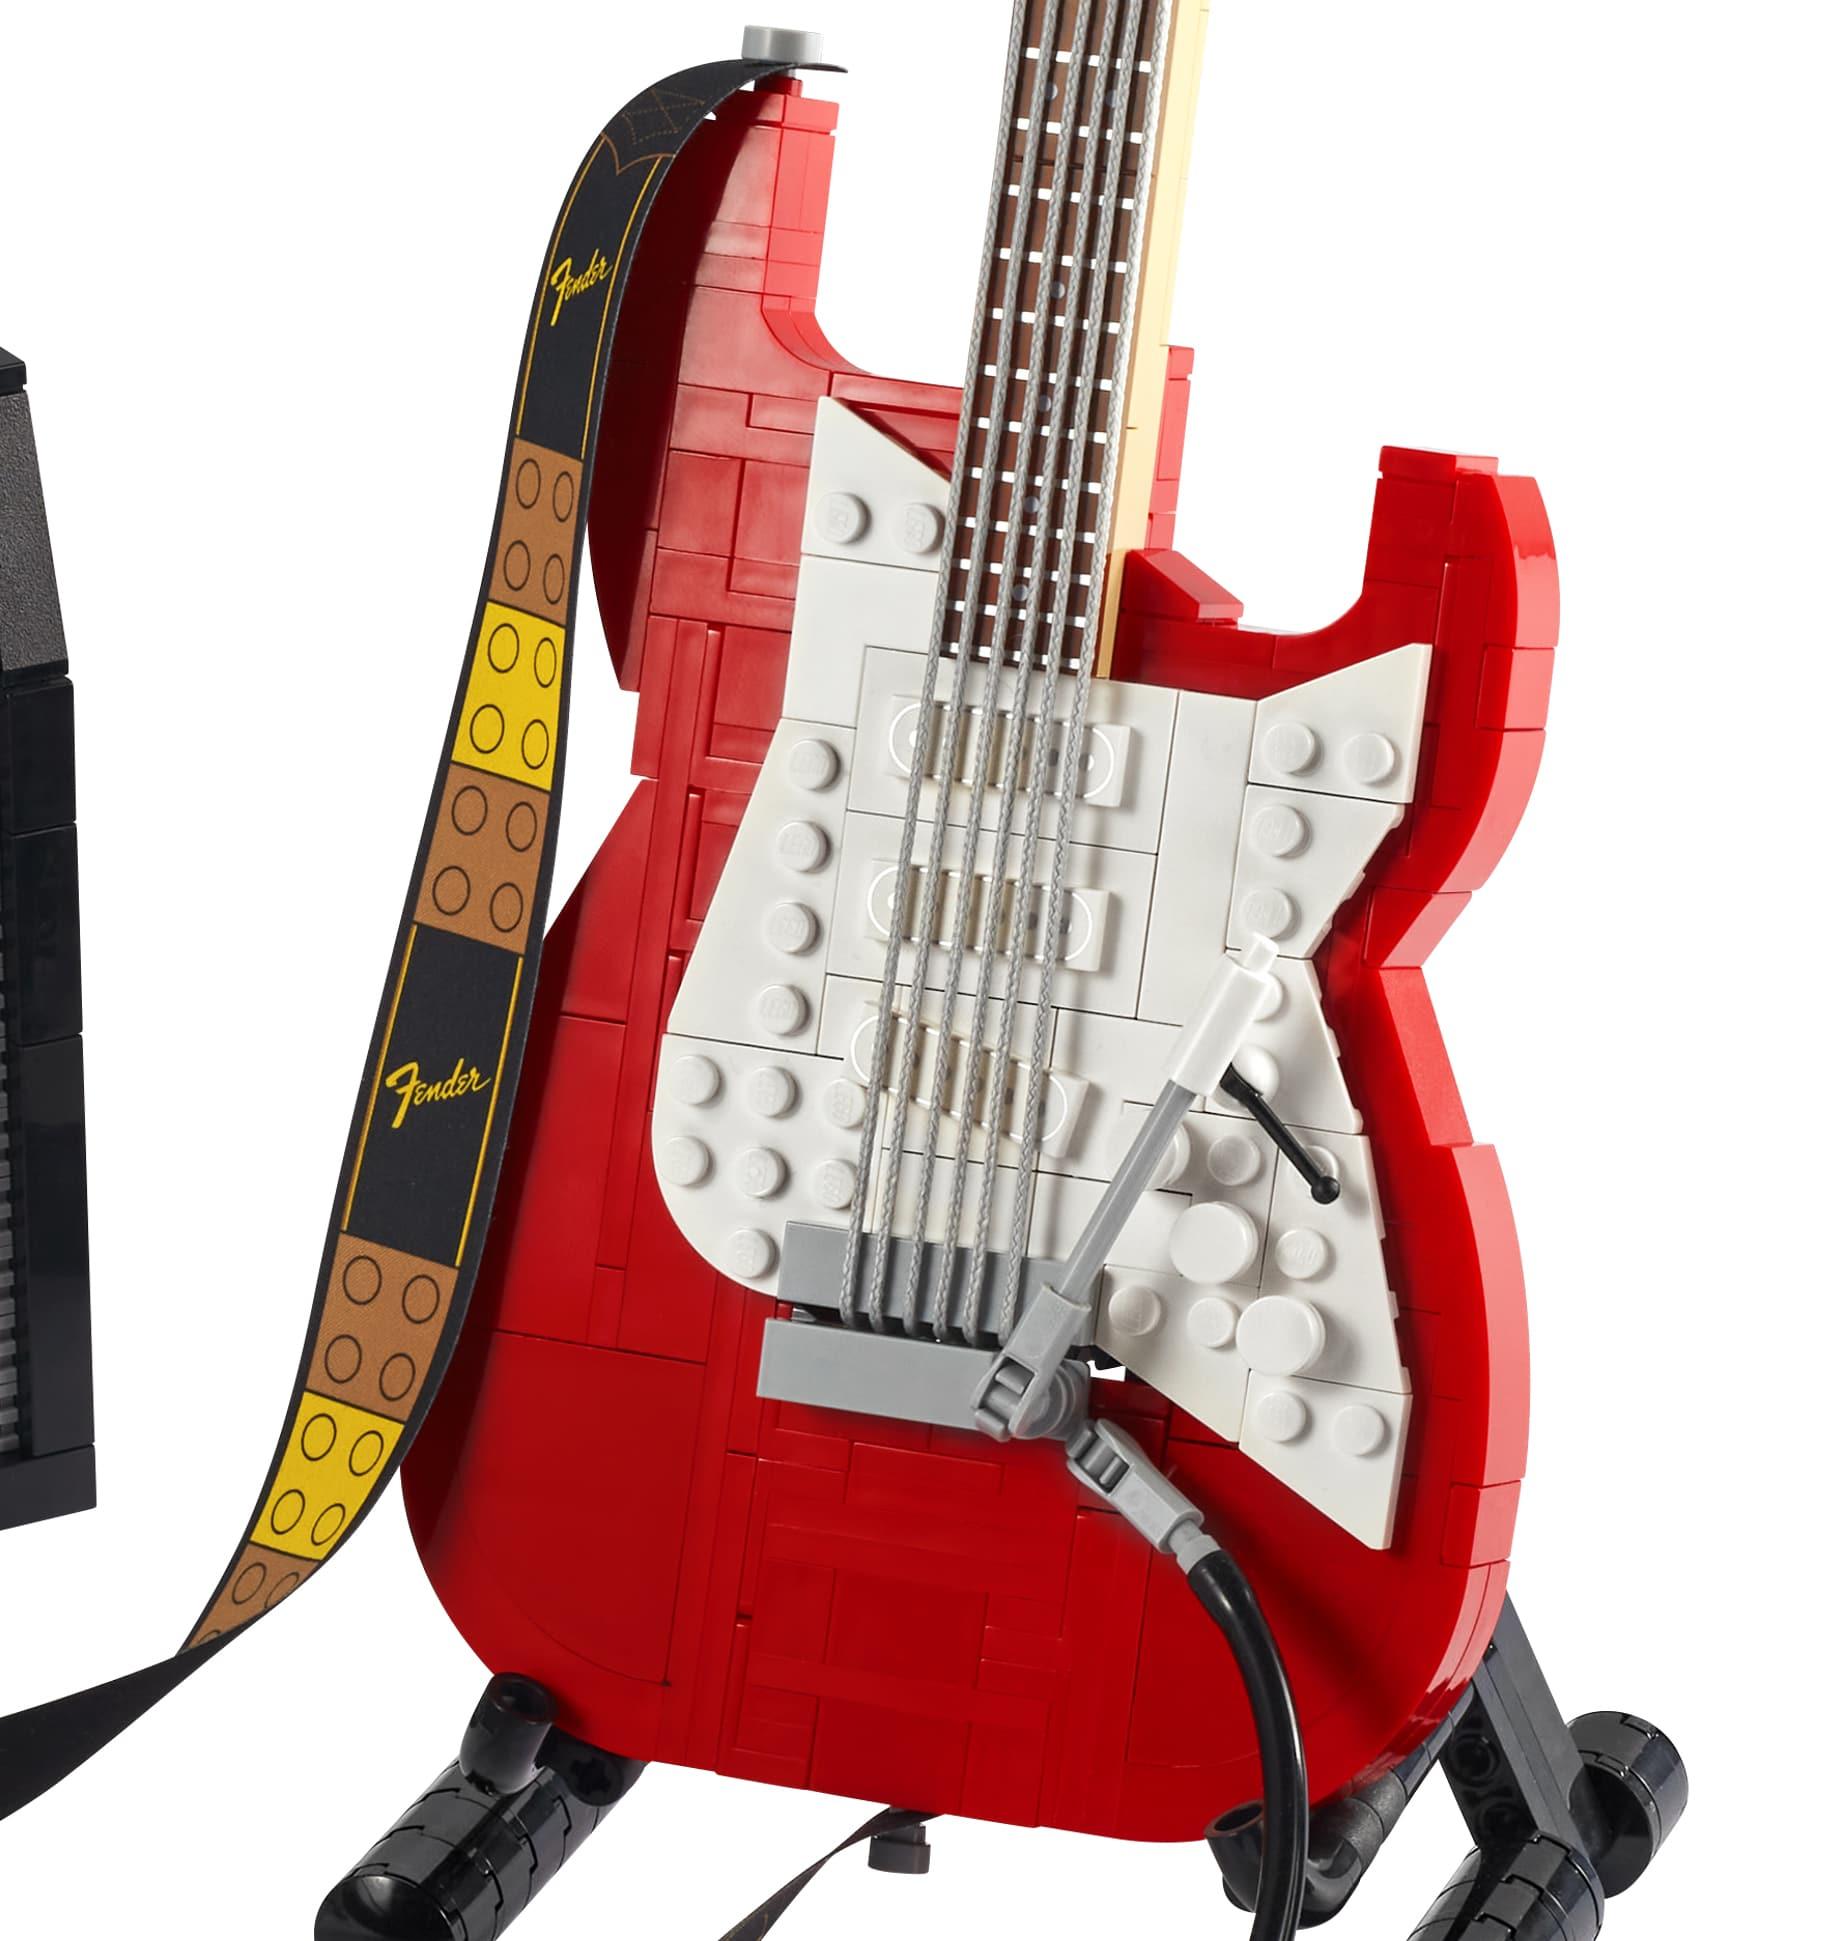 LEGO 21329 Fender Stratocaster Detail02